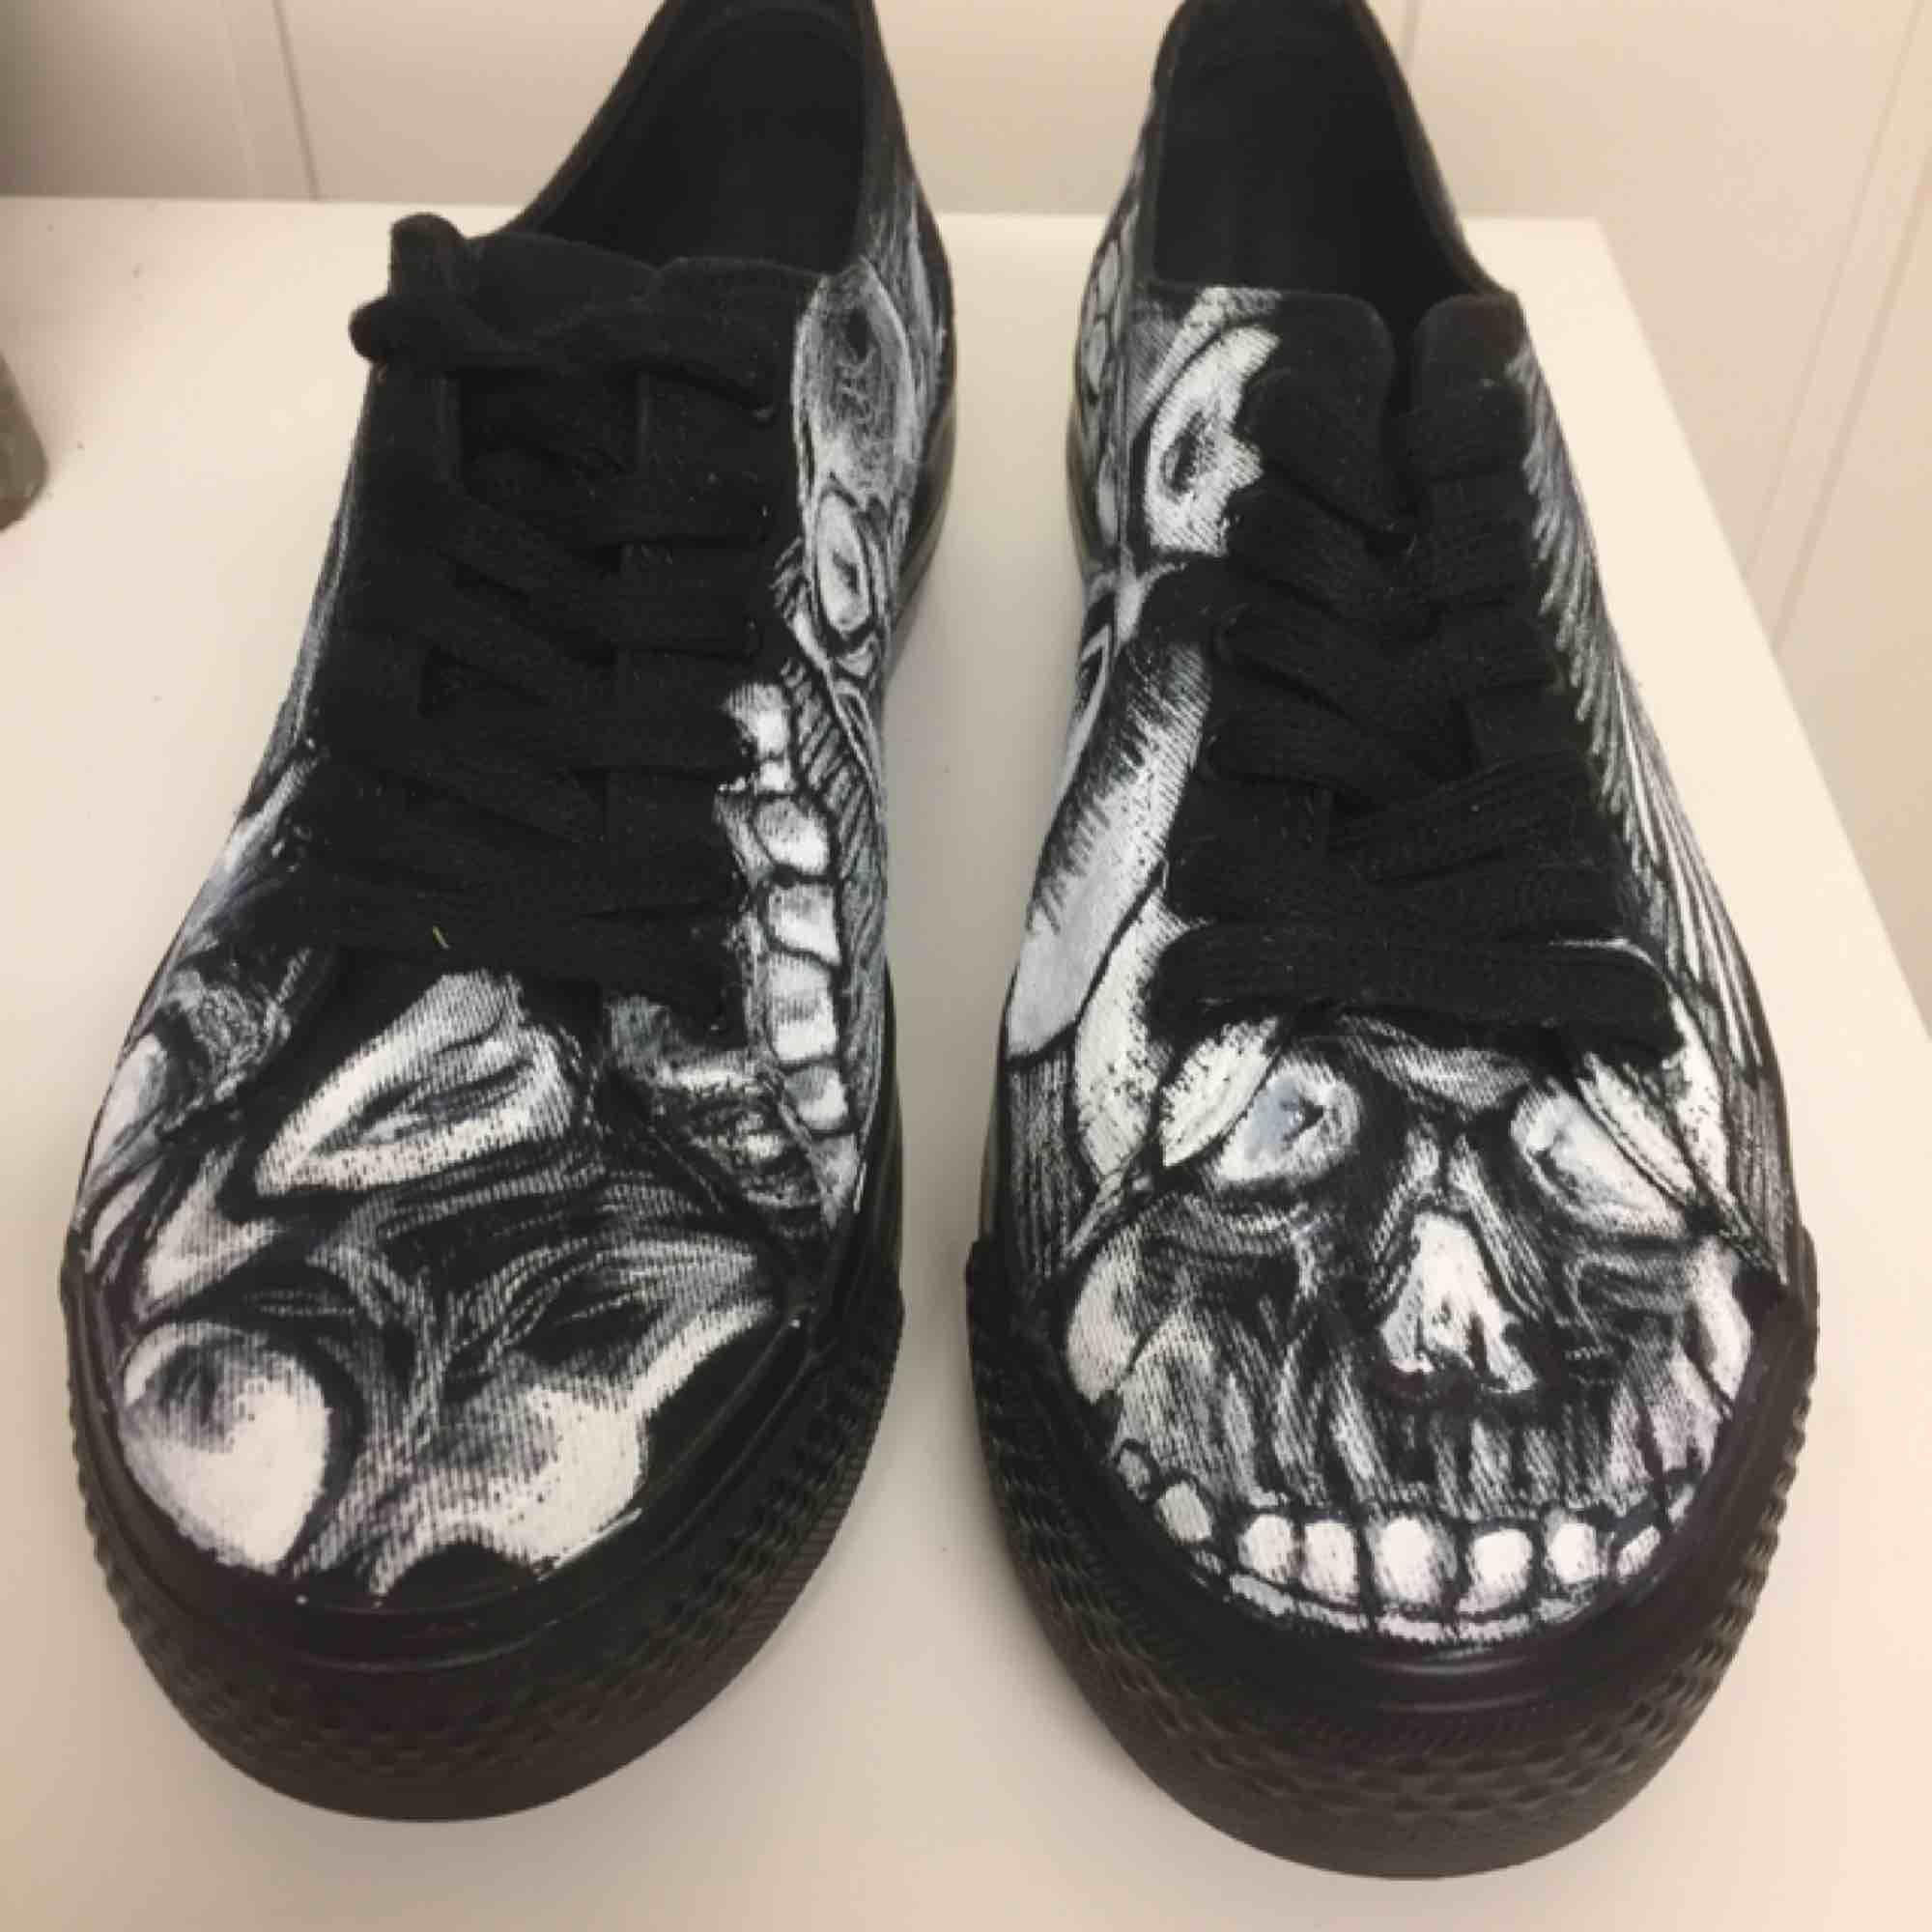 Har målats förhand med textilpennor, påminner ändå att vara försiktig så målningarna håller sig längre. Skorna är i fint skick. frakten kommer på 90kr extra.. Skor.